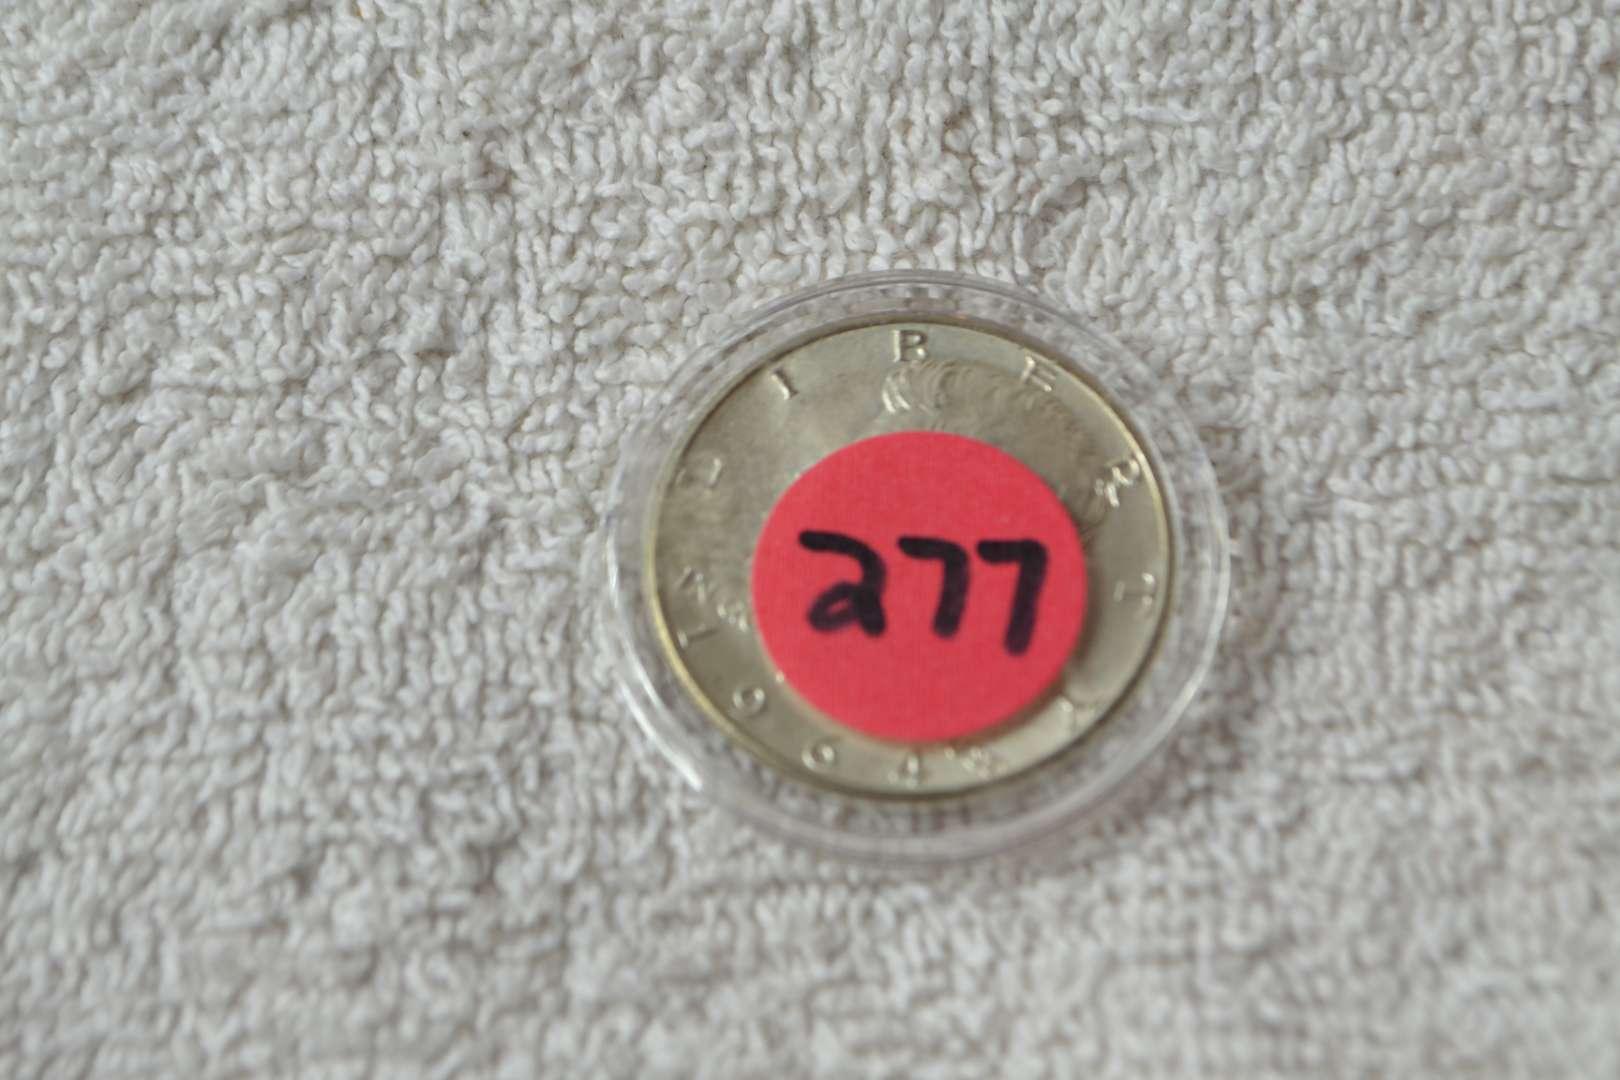 Lot # 277 1964-D KENNEDY HALF DOLLAR 90% SILVER